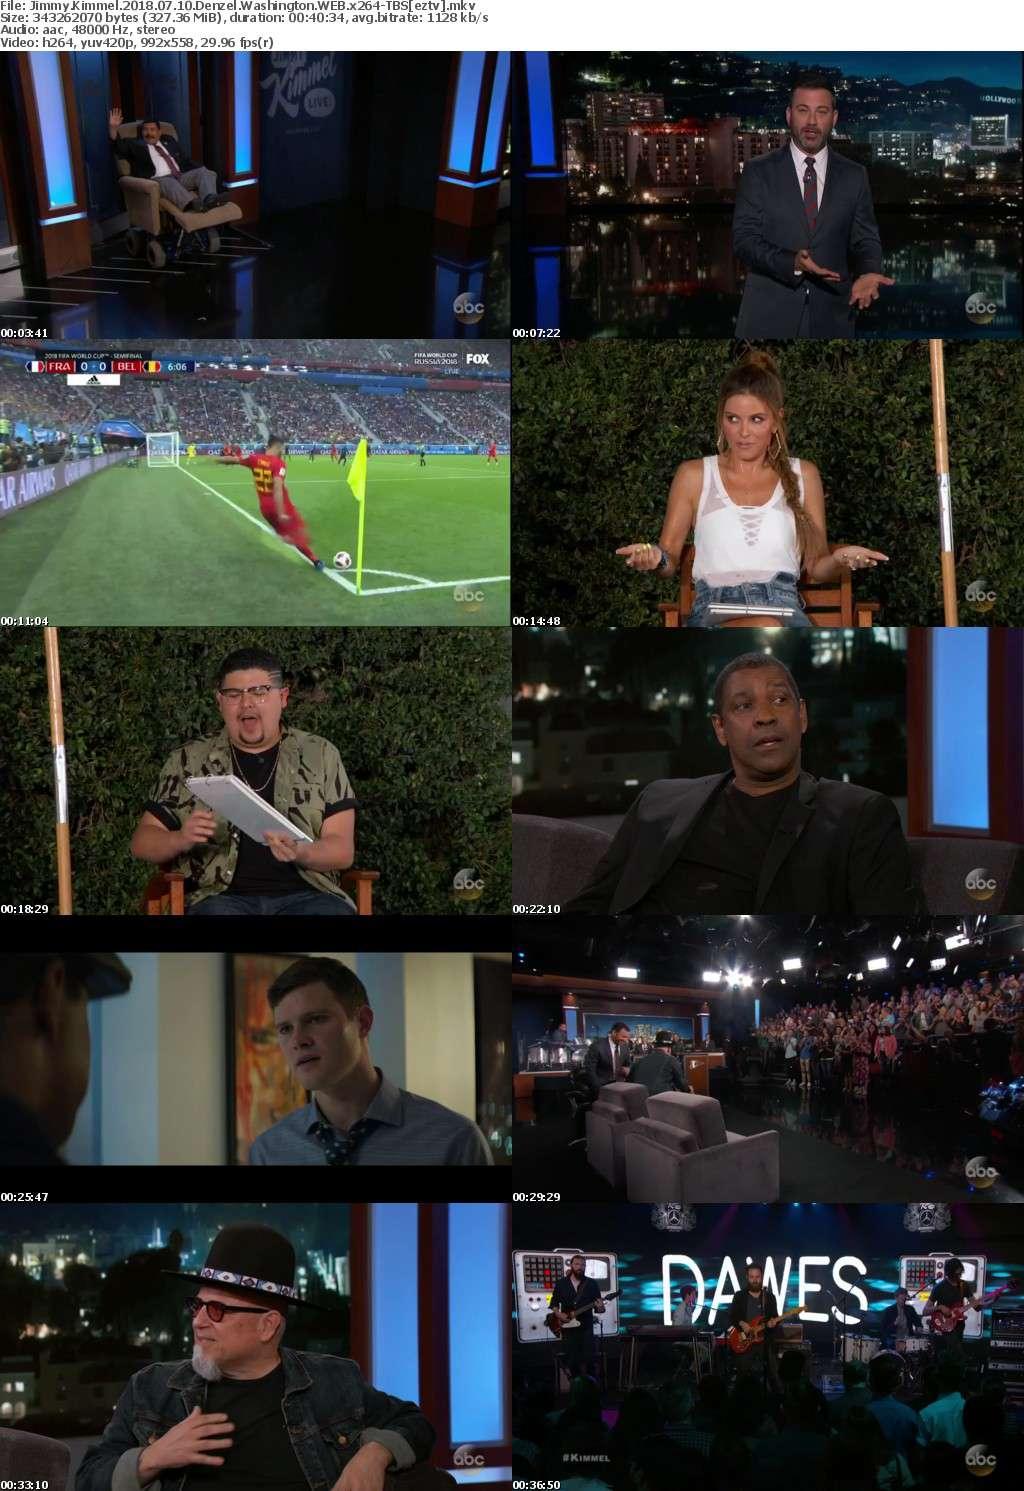 Jimmy Kimmel 2018 07 10 Denzel Washington WEB x264-TBS